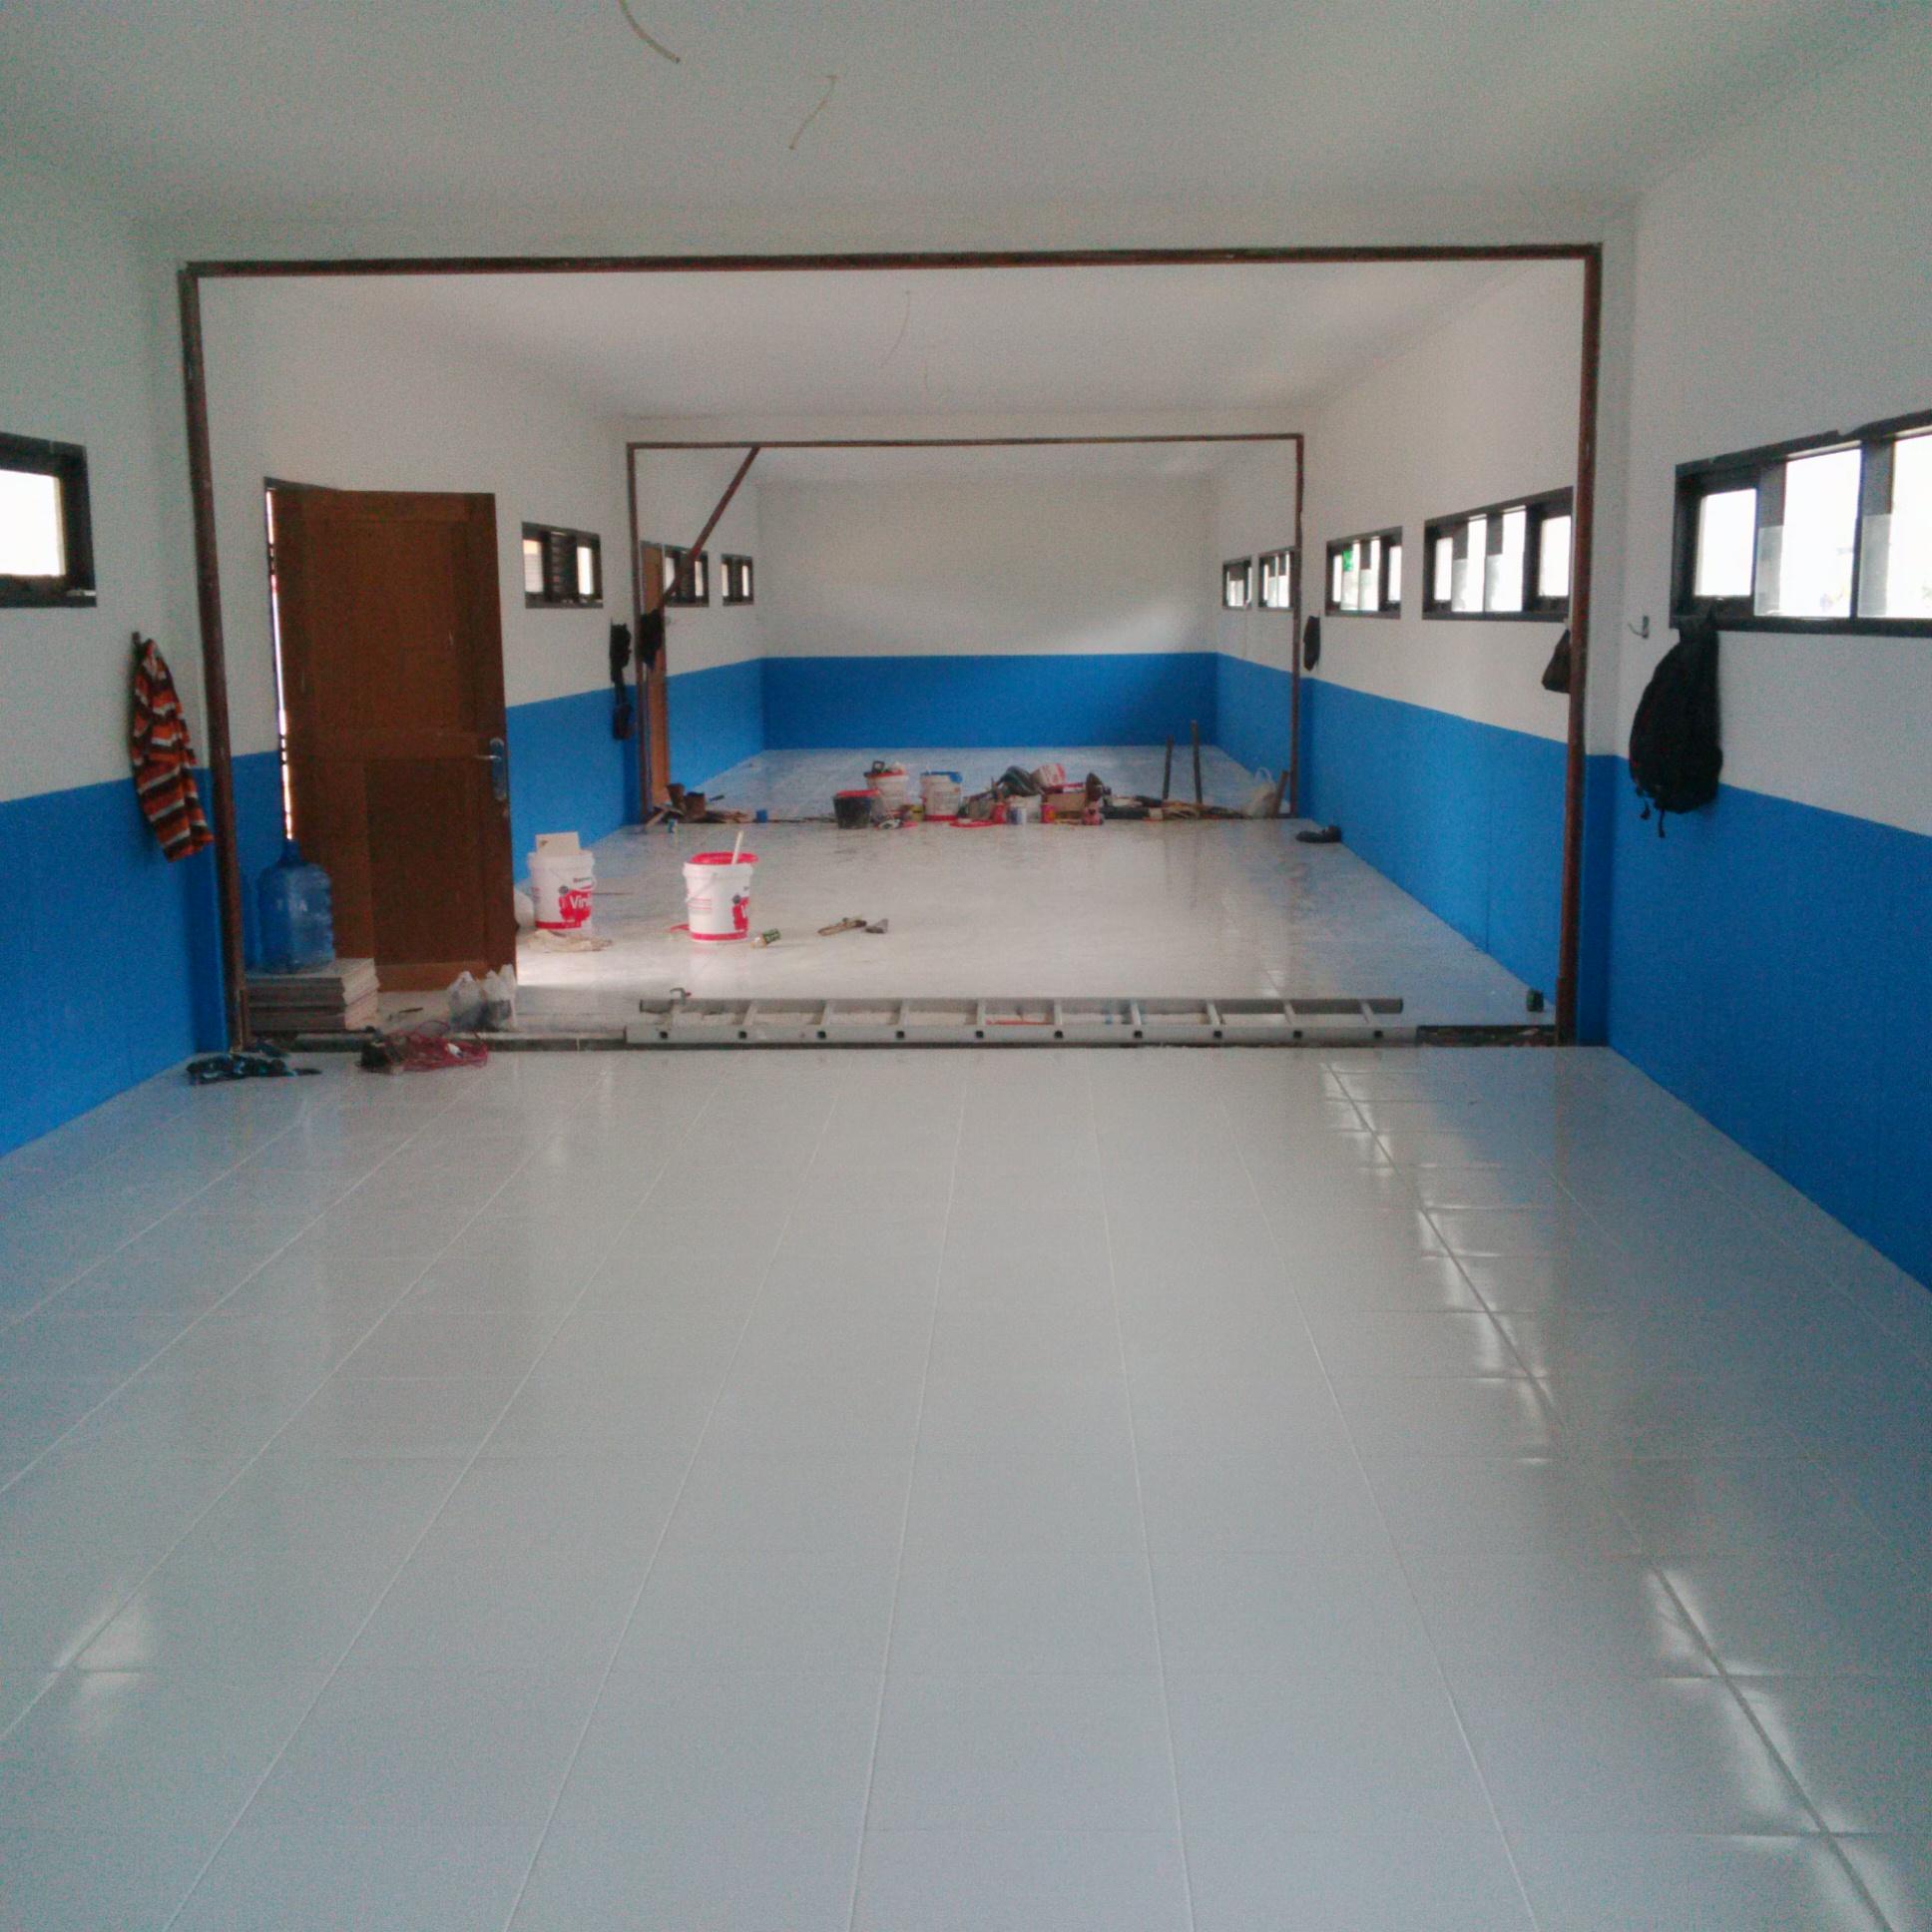 pesantren, ibnul qoyyim, balikpapan, pembangunan, depanel, panel beton, panel dinding